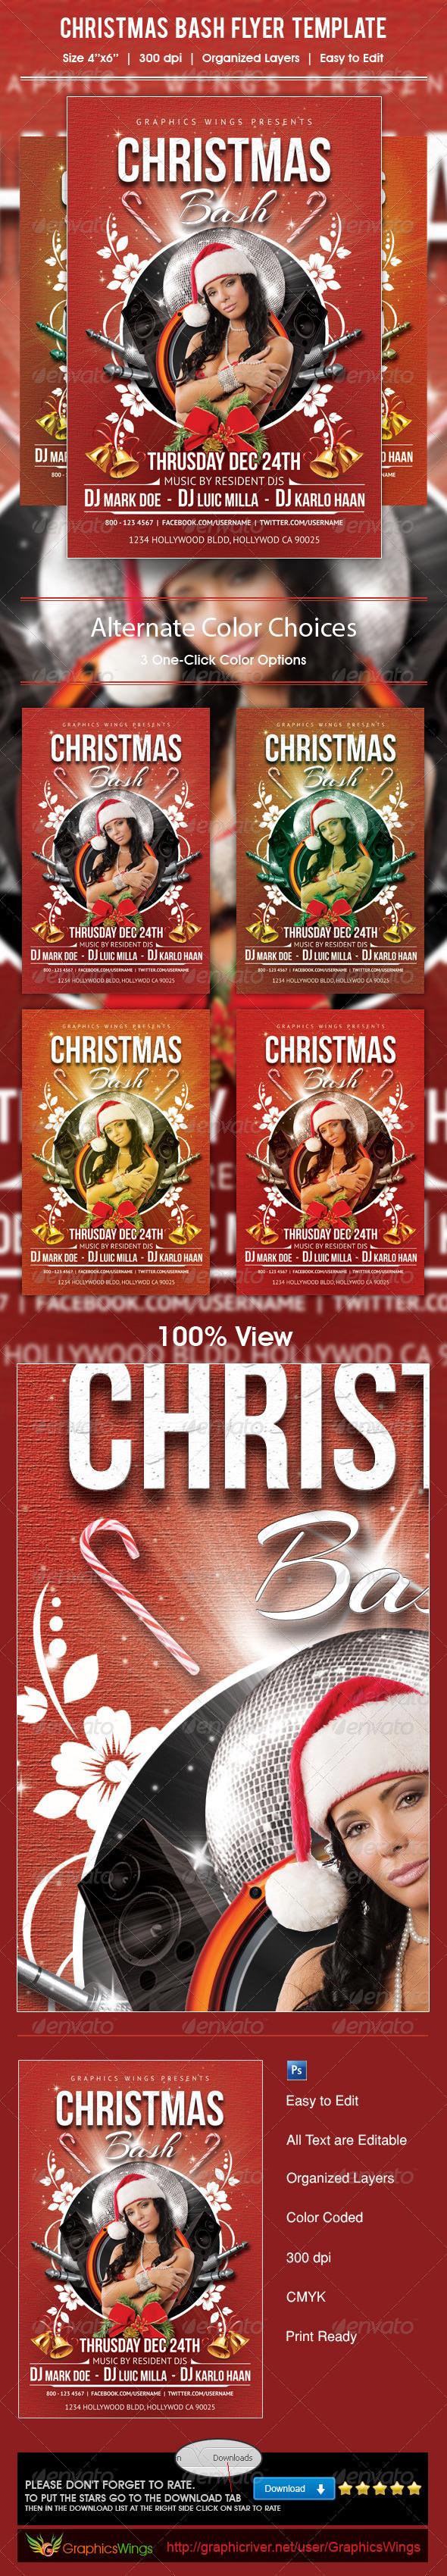 GraphicRiver Christmas Bash Flyer Template 6014669